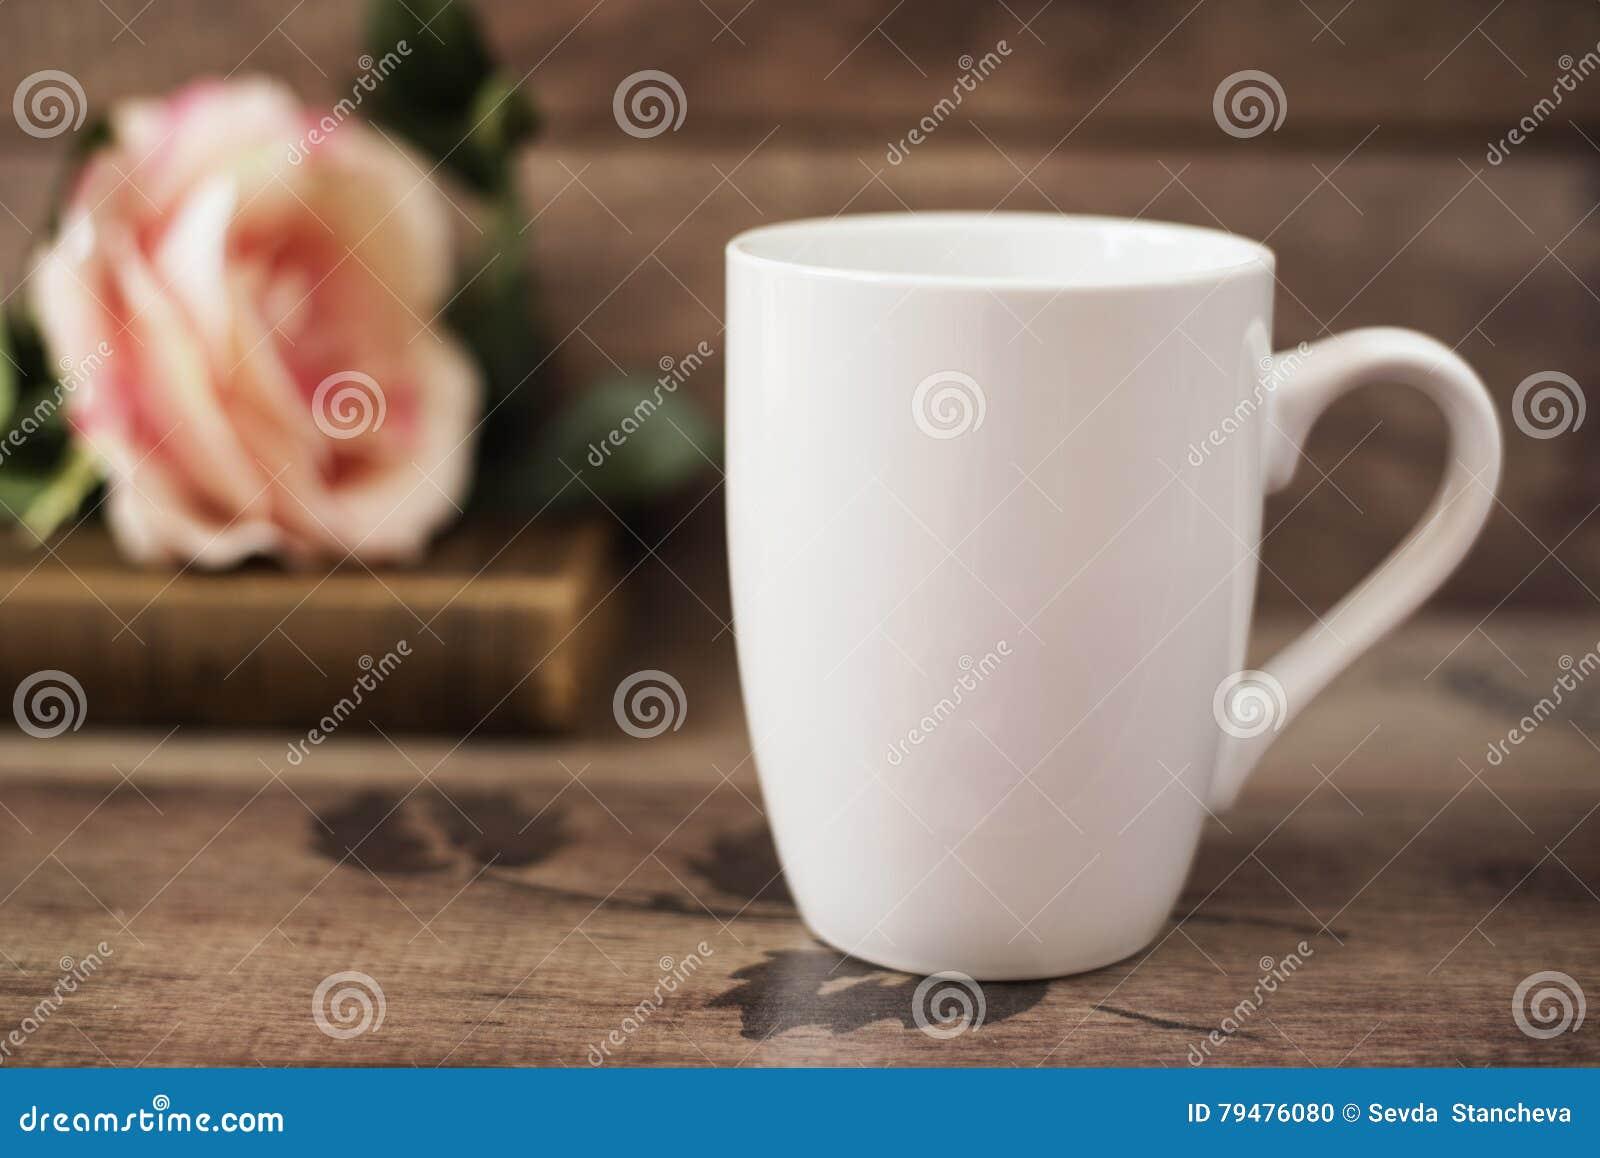 Mug Mockup. Coffee Cup Template. Coffee Mug Printing ...